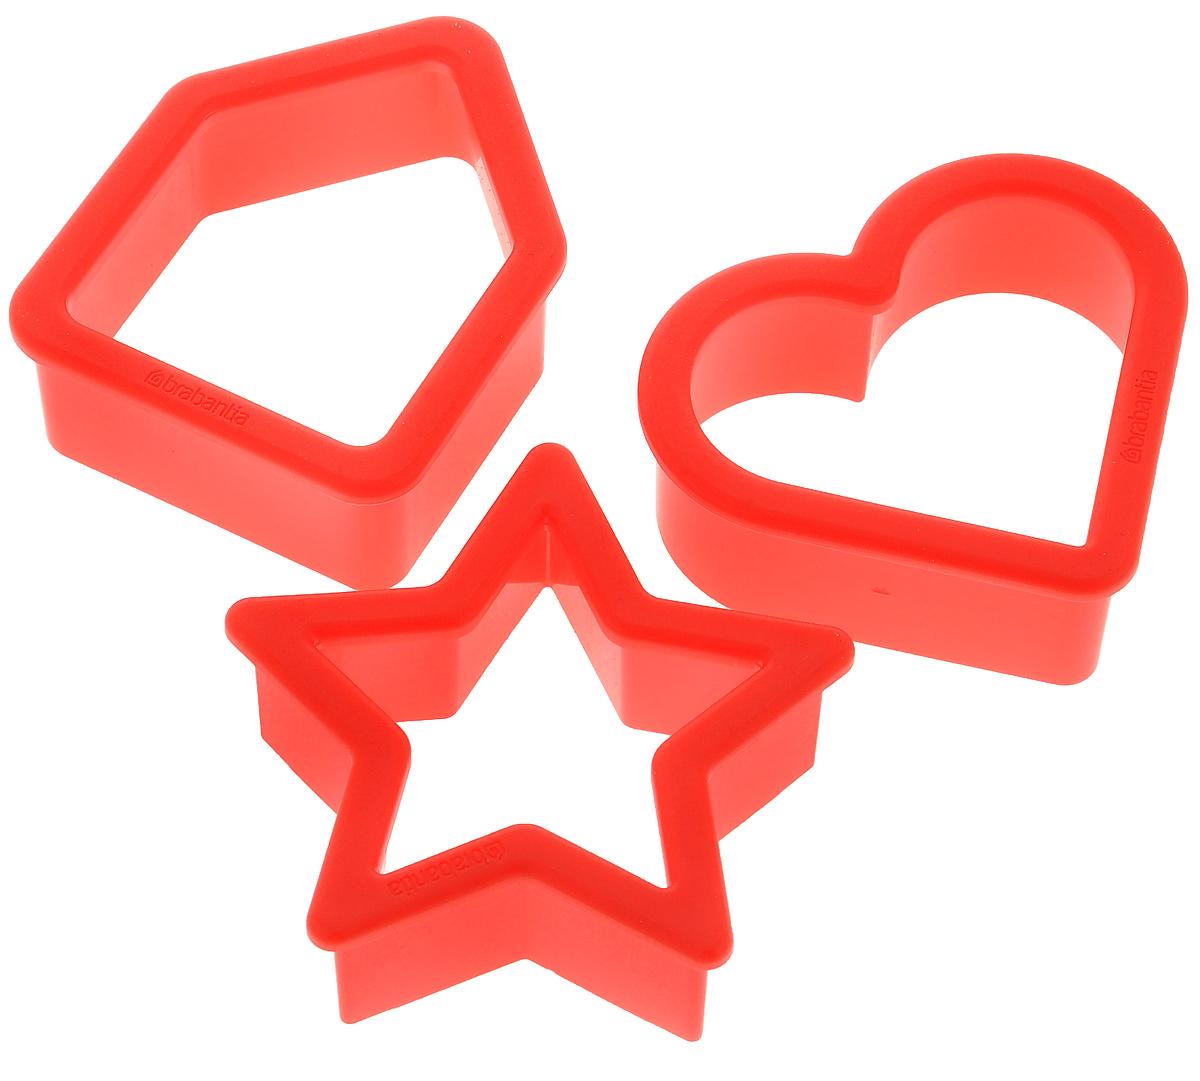 Набор формочек для печенья Brabantia, цвет: красный, 3 шт105227Набор Brabantia состоит из трех форм для вырезания фигурного печенья, изготовленных из высококачественного пластика. Формы выполнены в виде сердца, домика и звезды. Если вы любите побаловать своих домашних вкусным и ароматным печеньем по вашему оригинальному рецепту, то формы для вырезания печенья как раз то, что вам нужно! Размер формочки в виде сердца: 5,8 см х 5 см х 2,2 см. Размер формочки в виде домика: 5,7 см х 4,5 см х 2,2 см. Размер формочки в виде звезды: 5,8 см х 5,5 см х 2,2 см.